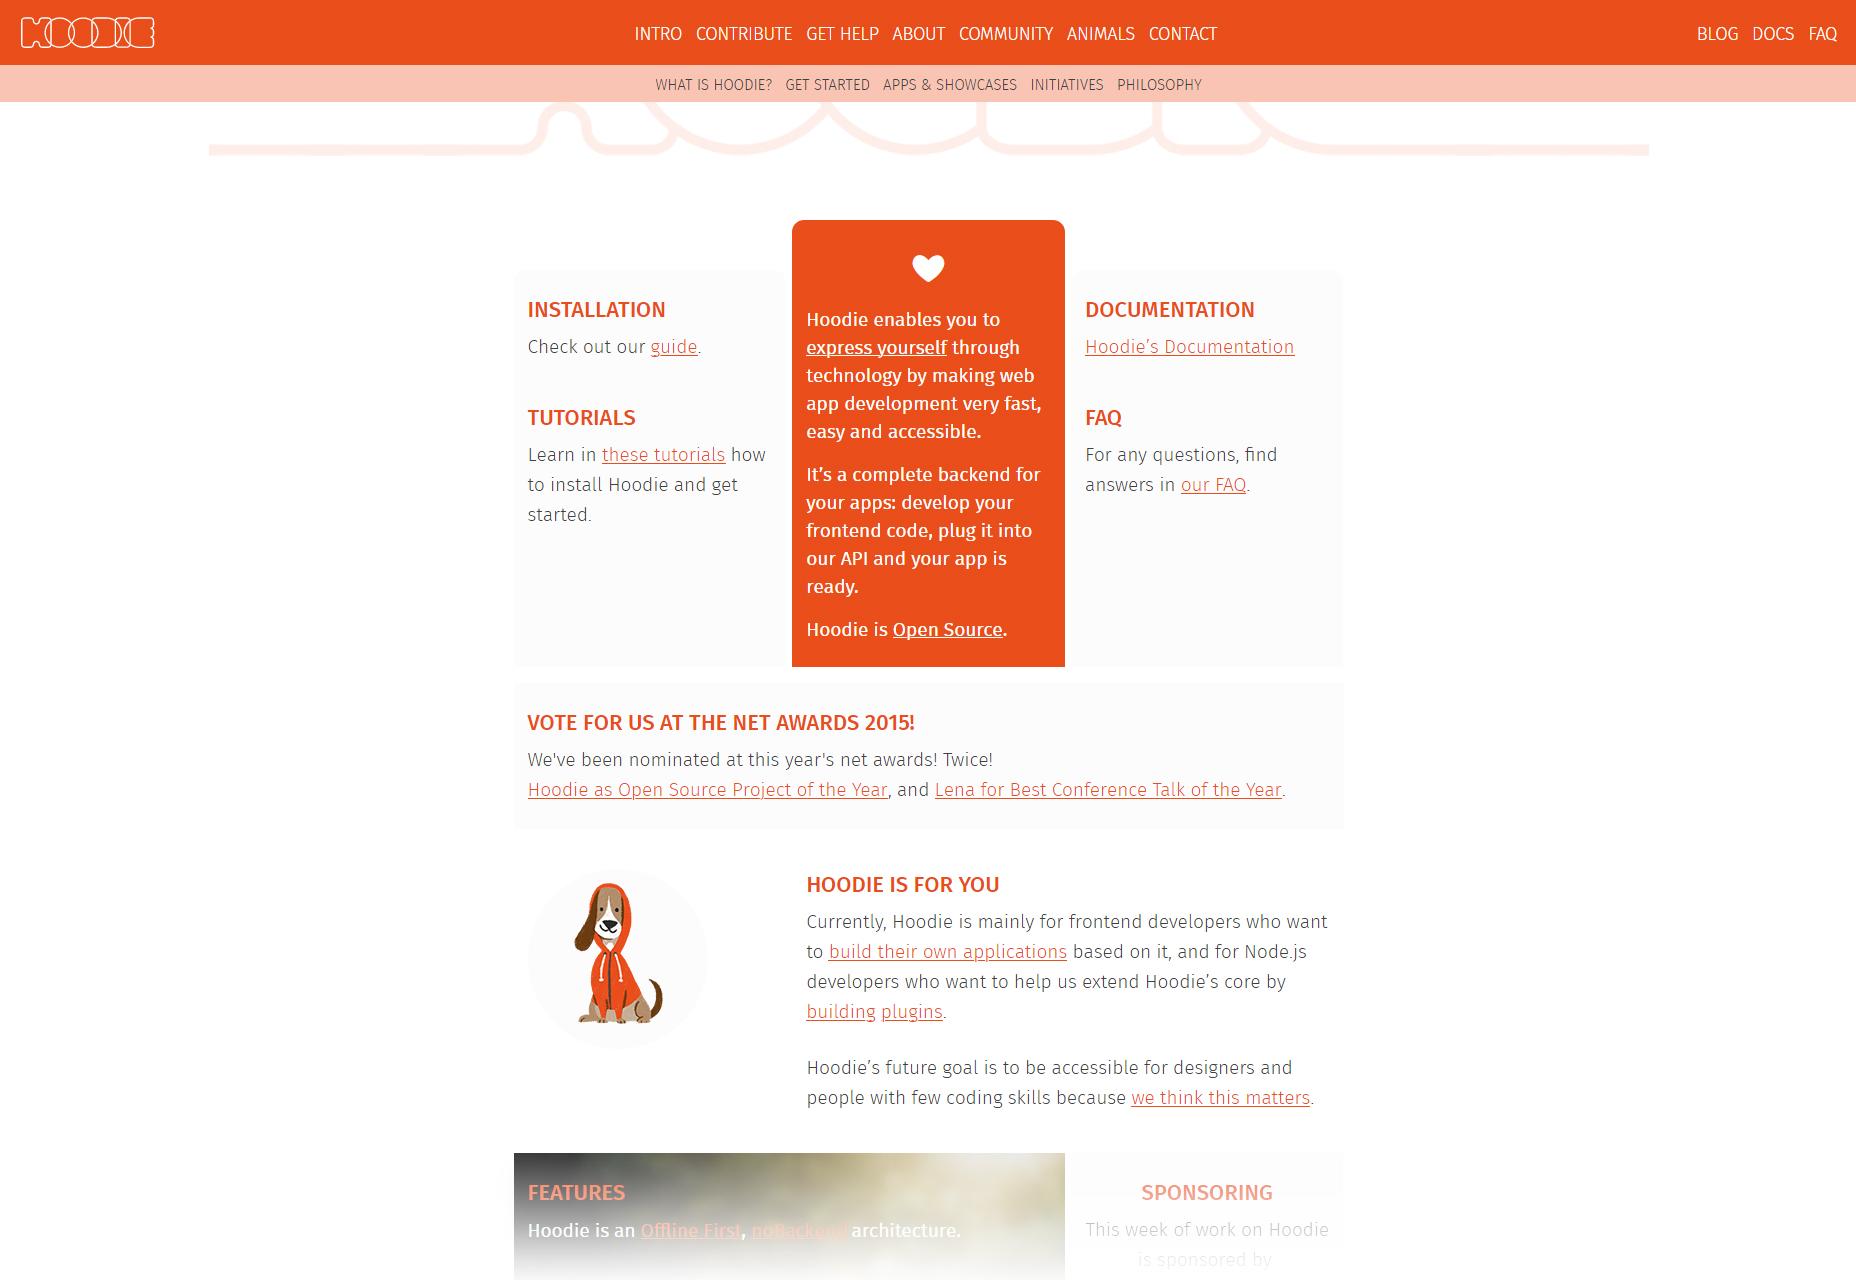 Hood.ie: Software de construcción de aplicaciones Web e iOS